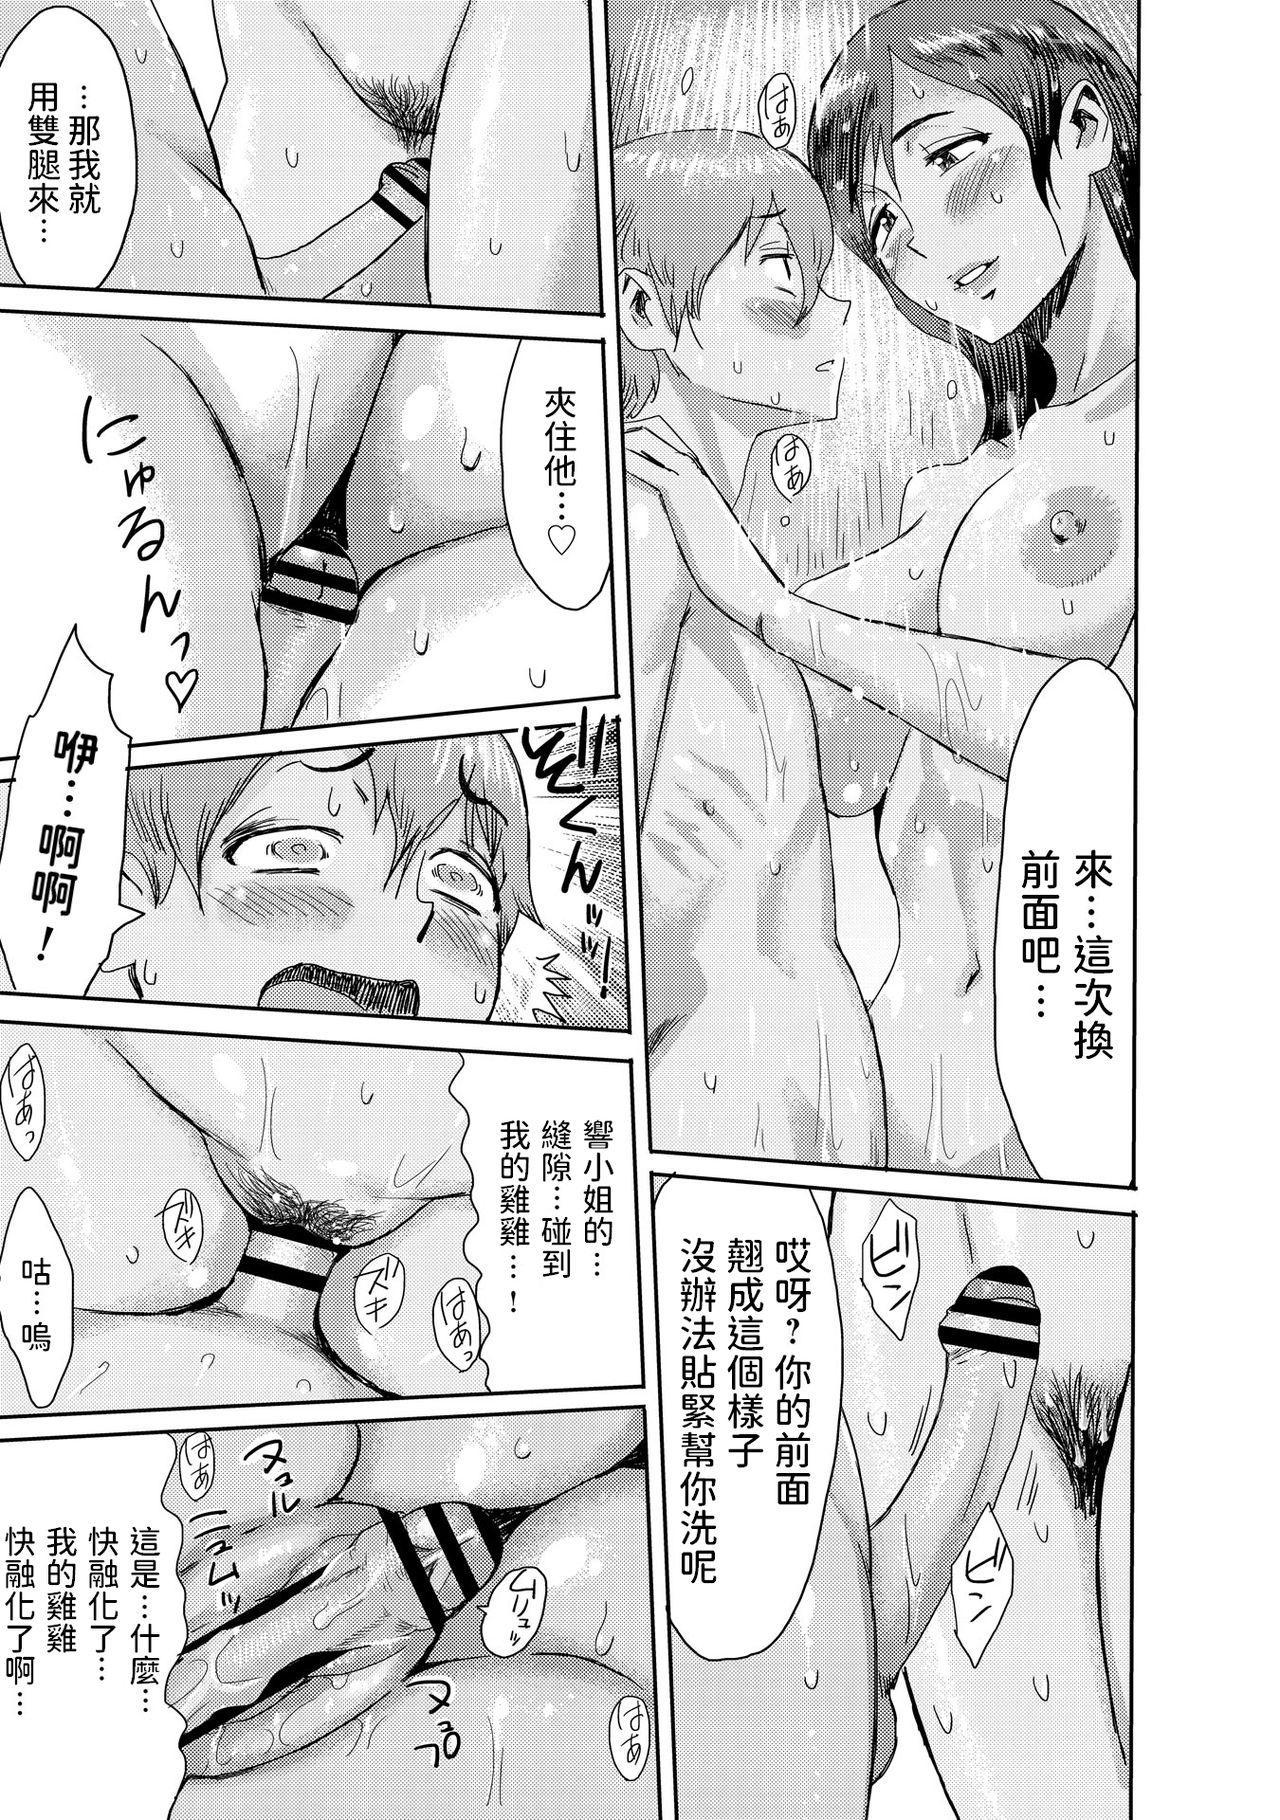 Biniku Ensou 2 16